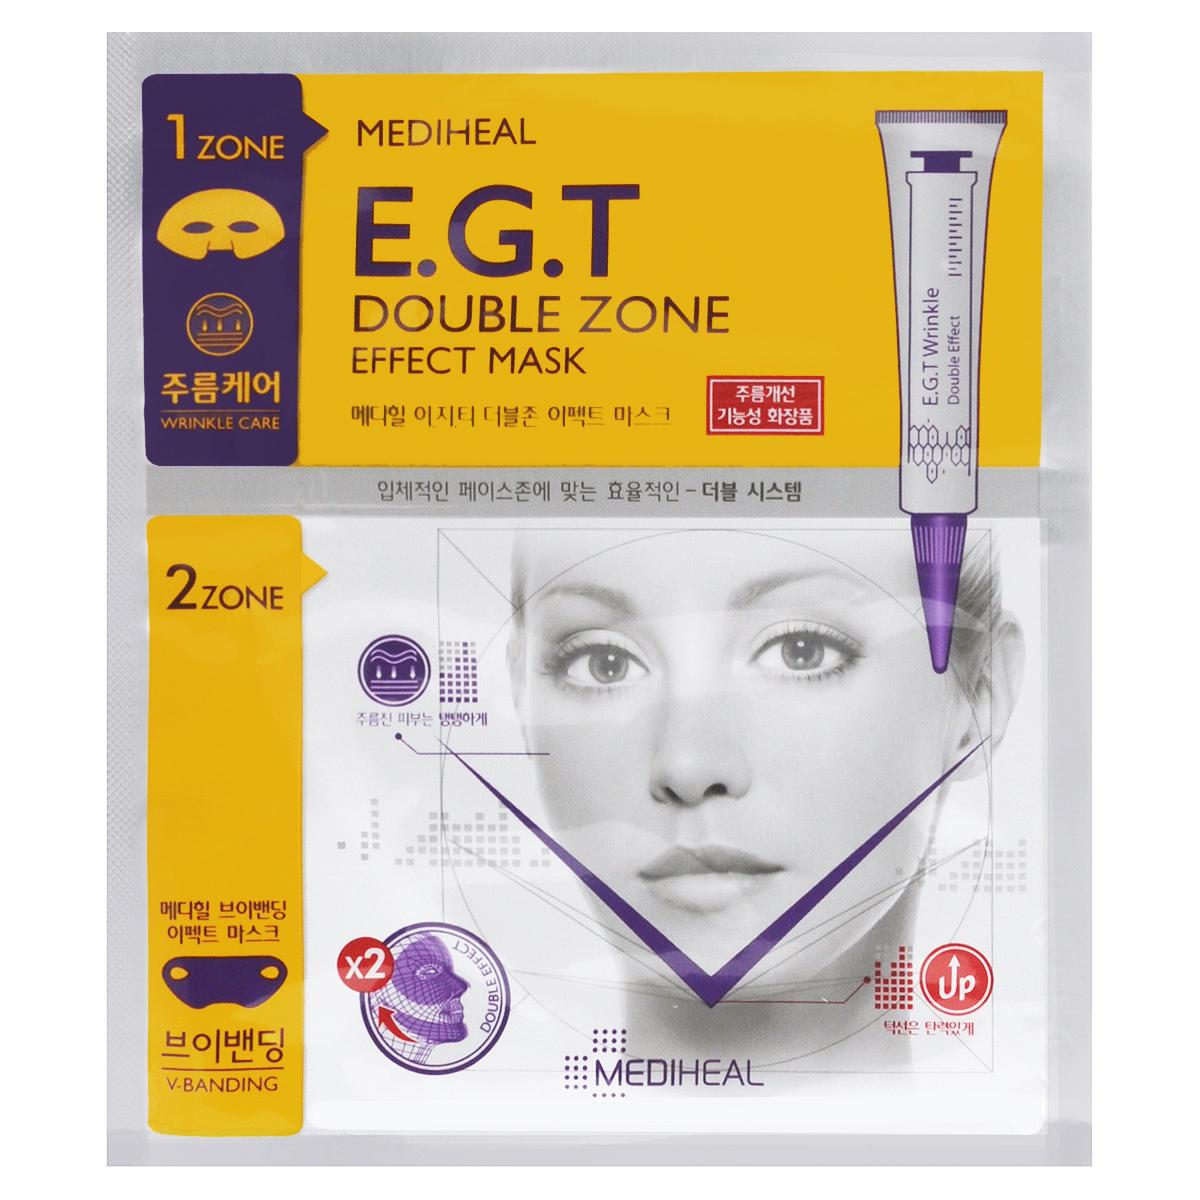 Beauty Clinic Маска для лица EGF, с лифтинг-эффектом, двухзональнаяFS-00897Маска ухаживает сразу за двумя зонами кожи лица: разглаживает морщины в верхней части лица, замедляет процесс старения и подтягивает V-зону, делая ее более упругой и эластичной. Маска решает 2 задачи:1. Лифтинг верхней части лица, в том числе зоны вокруг глаз.Маска разглаживает морщины, возвращает упругость и эластичность коже, увлажняет. Верхняя часть маски на основе целлюлозы плотно прилегает к коже, обеспечивая глубокое проникновение питательных веществ. Кожа выглядит подтянутой, молодой и здоровой. Эссенция, которой пропитана маска, содержит такие эффективные компоненты как EGF, гидролизованный коллаген, астаксантин, аскорбилфосфат натрия (витамин С). EGF (Epidermis Growth Faсtor) - фактор роста эпидермиса, регенерации клеток. EGF замедляет процесс старения кожи; способствует обновлению клеток эпидермиса, сохраняя молодость кожи; защищает кожу от повреждений и раздражений; улучшает цвет лица.Астаксантин – мощный антиоксидант. Экстракт центеллы азиатской стимулирует синтез коллагена, заживляет мелкие ранки и трещины, улучшает состояние и цвет кожи. 2. Восстановление V-зоны, лифтинг–эффект.Нижняя часть маски (гелевая) предназначена для повышения упругости кожи в области подбородка. Содержит гидролизованный коллаген, аденозин и другие компоненты, которые придают коже упругость и эластичность. Специальная запатентованная форма маски, которая крепится за уши, подтягивает кожу и корректирует линию подбородка.Продукт прошел дерматологическое тестирование. Товар сертифицирован.